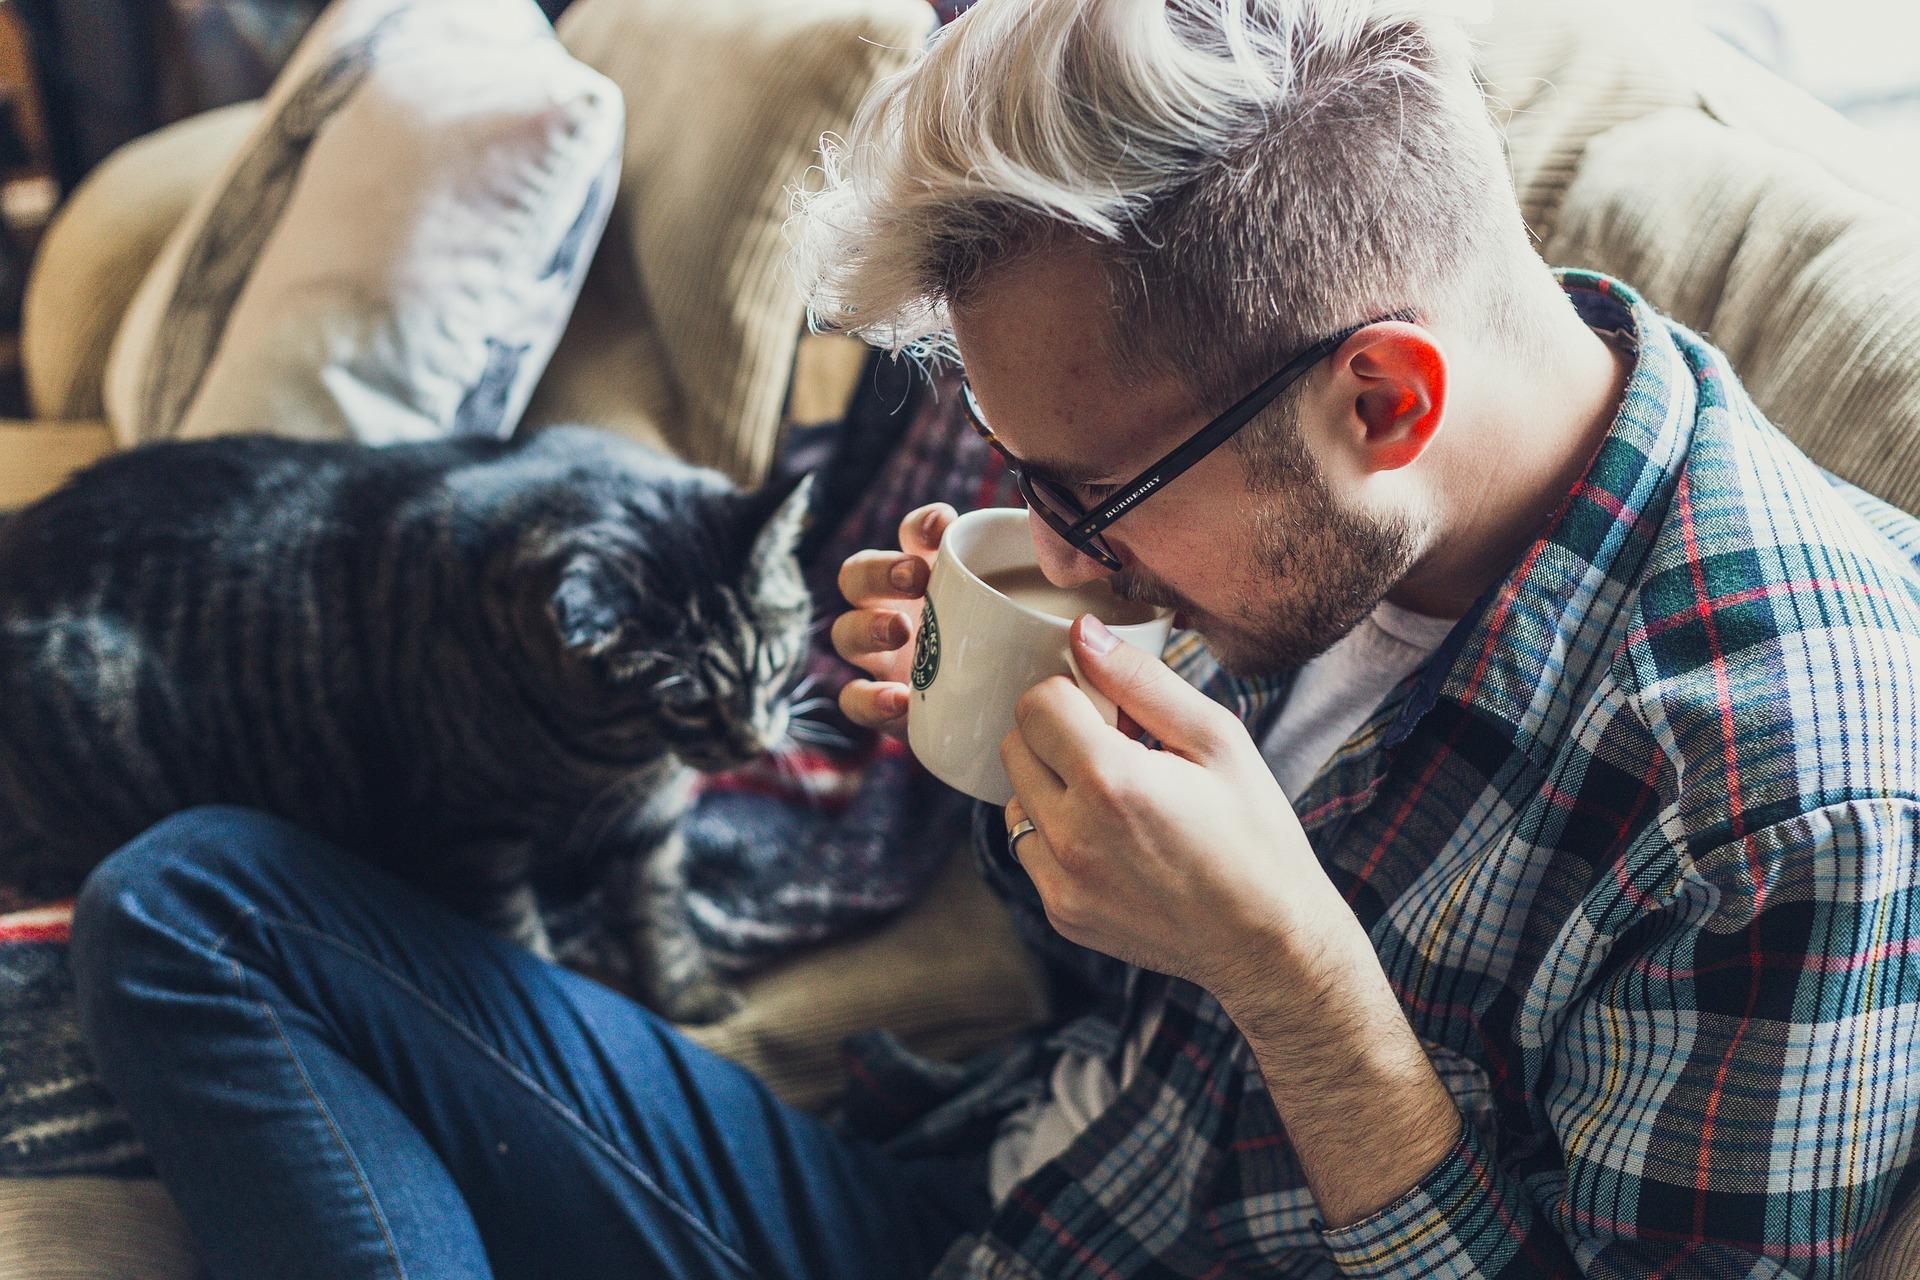 Венгерский ученый Юдит Симон: три чашки кофе каждый день снижают риск инфаркта на 21%